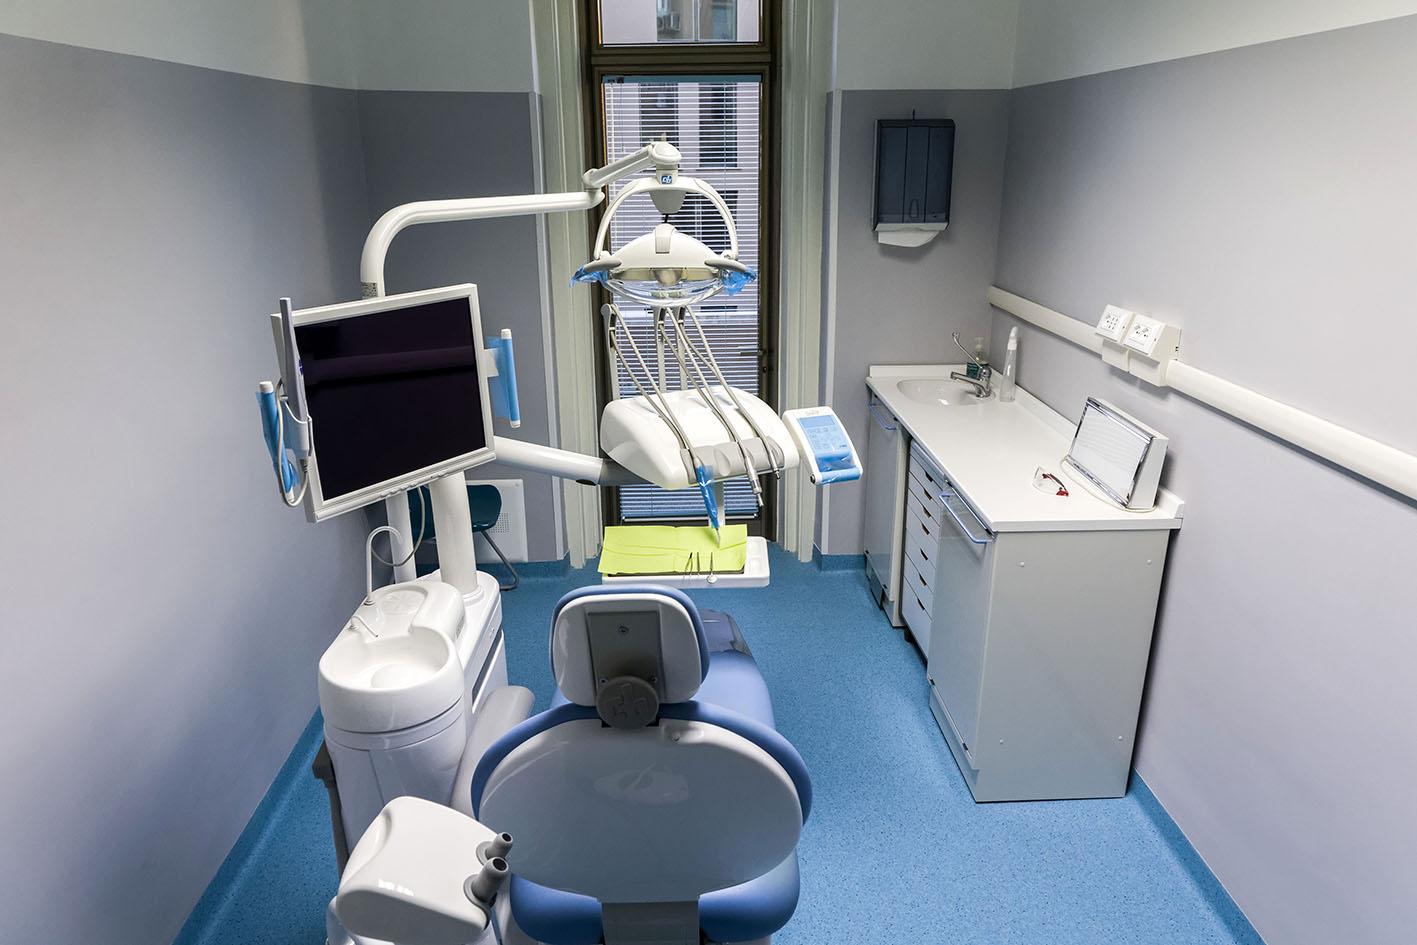 Roberta Lamia Odontoiatra e Protesi Dentaria - Studio Dentistico - Trieste - Foto di Paola Dibella